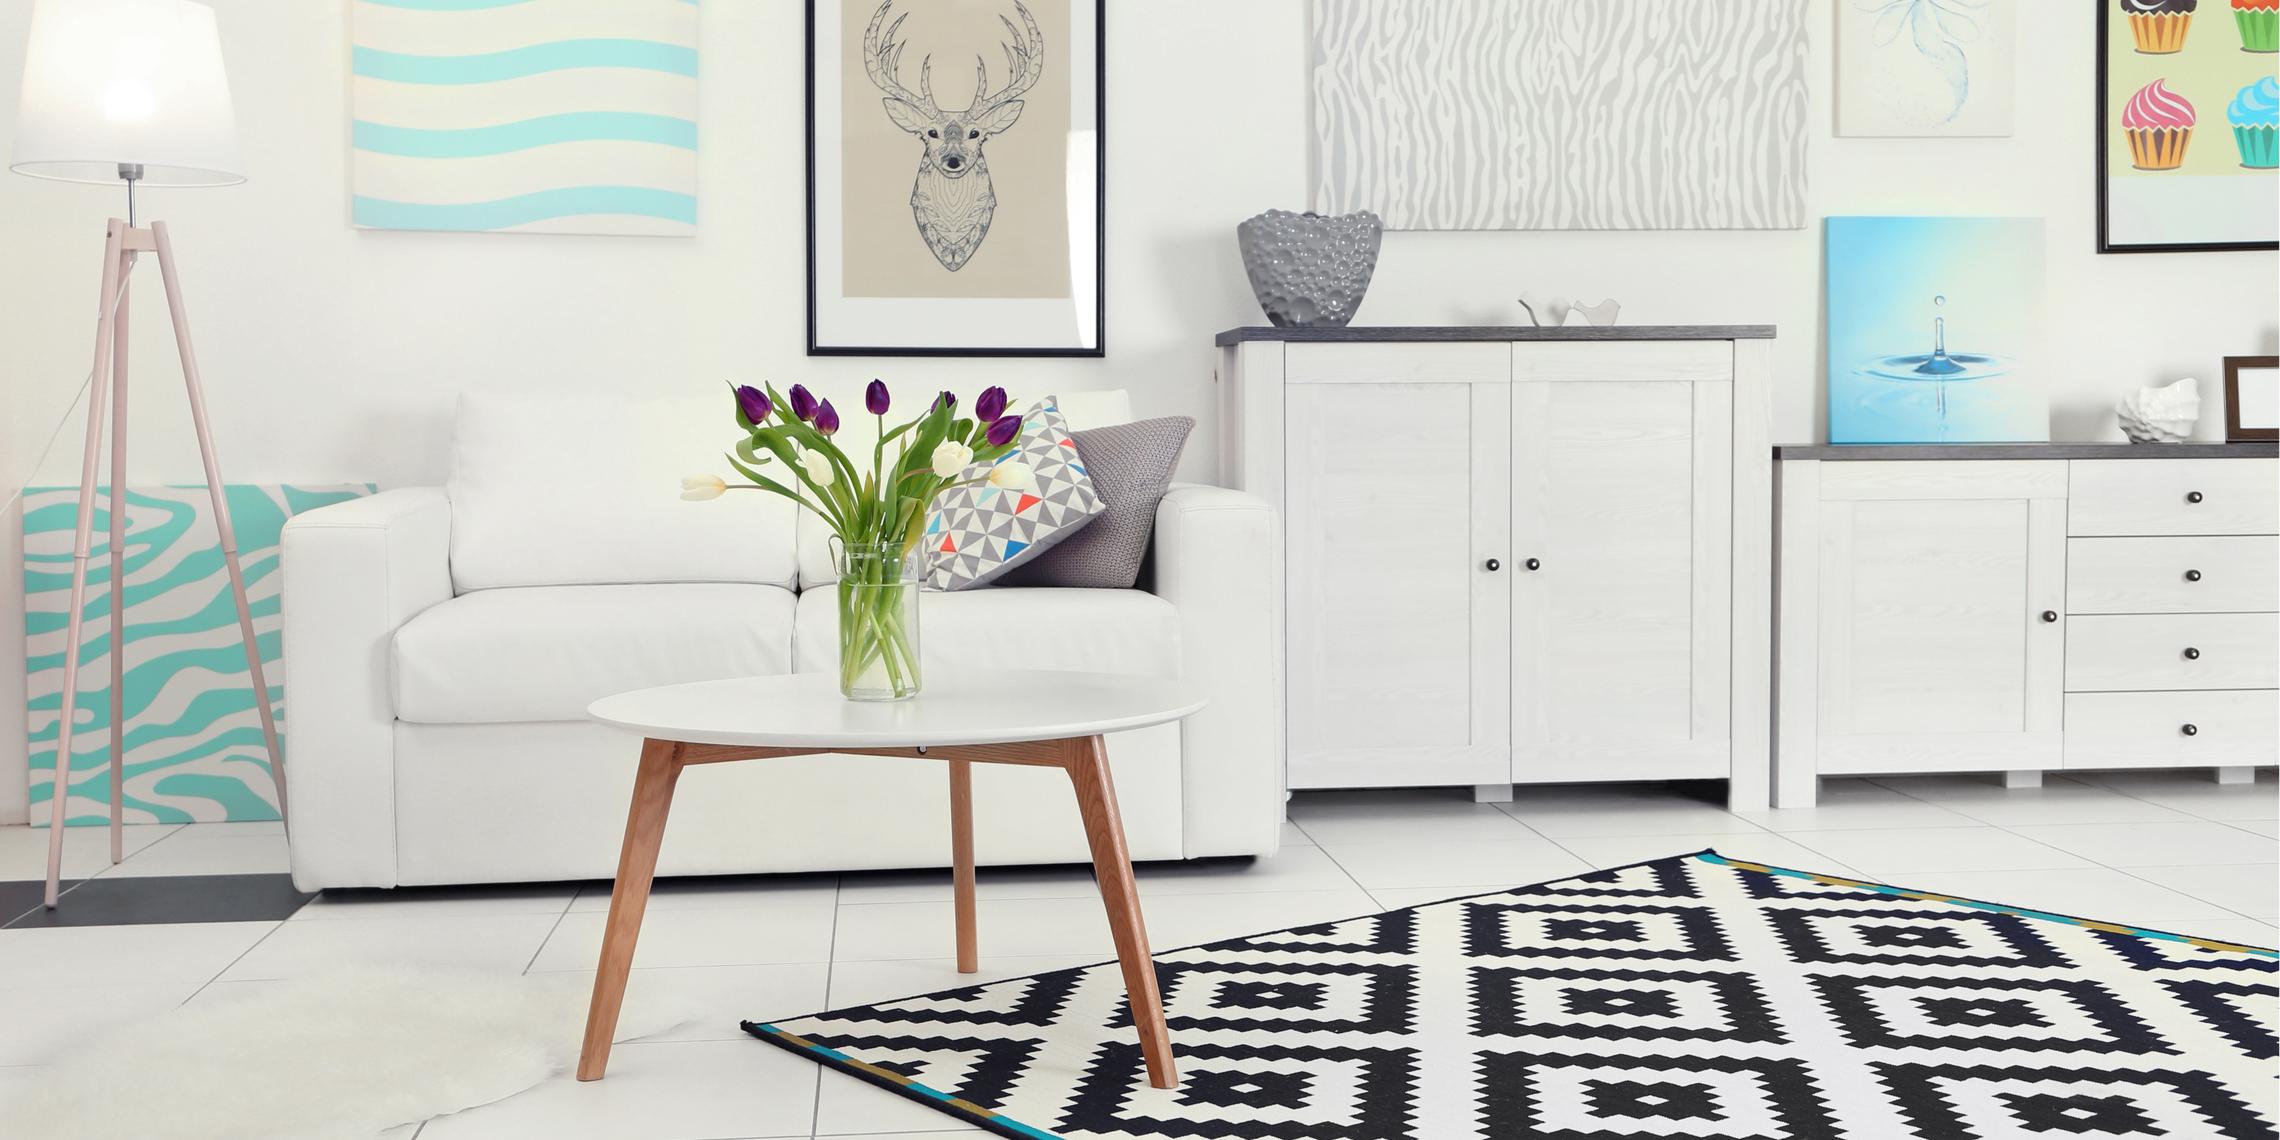 Wohndeko Für Kleine Räume   Hilfreiche Tipps